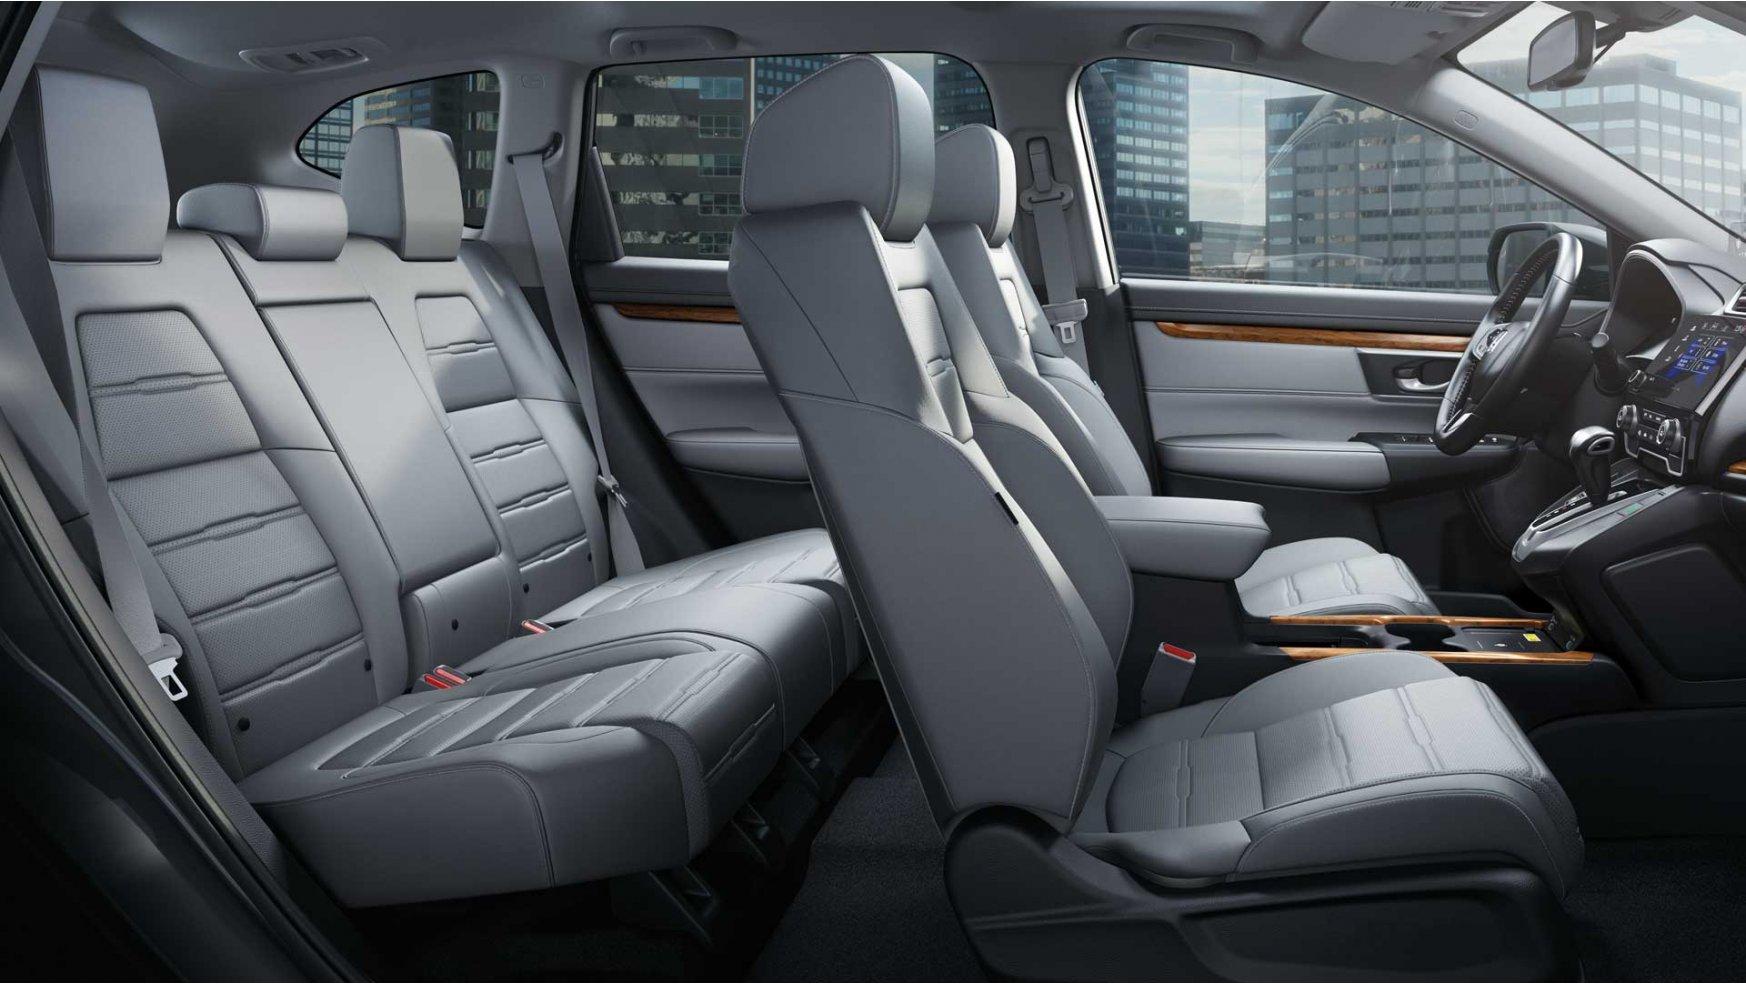 Premium Comfort. Practical Versatility.